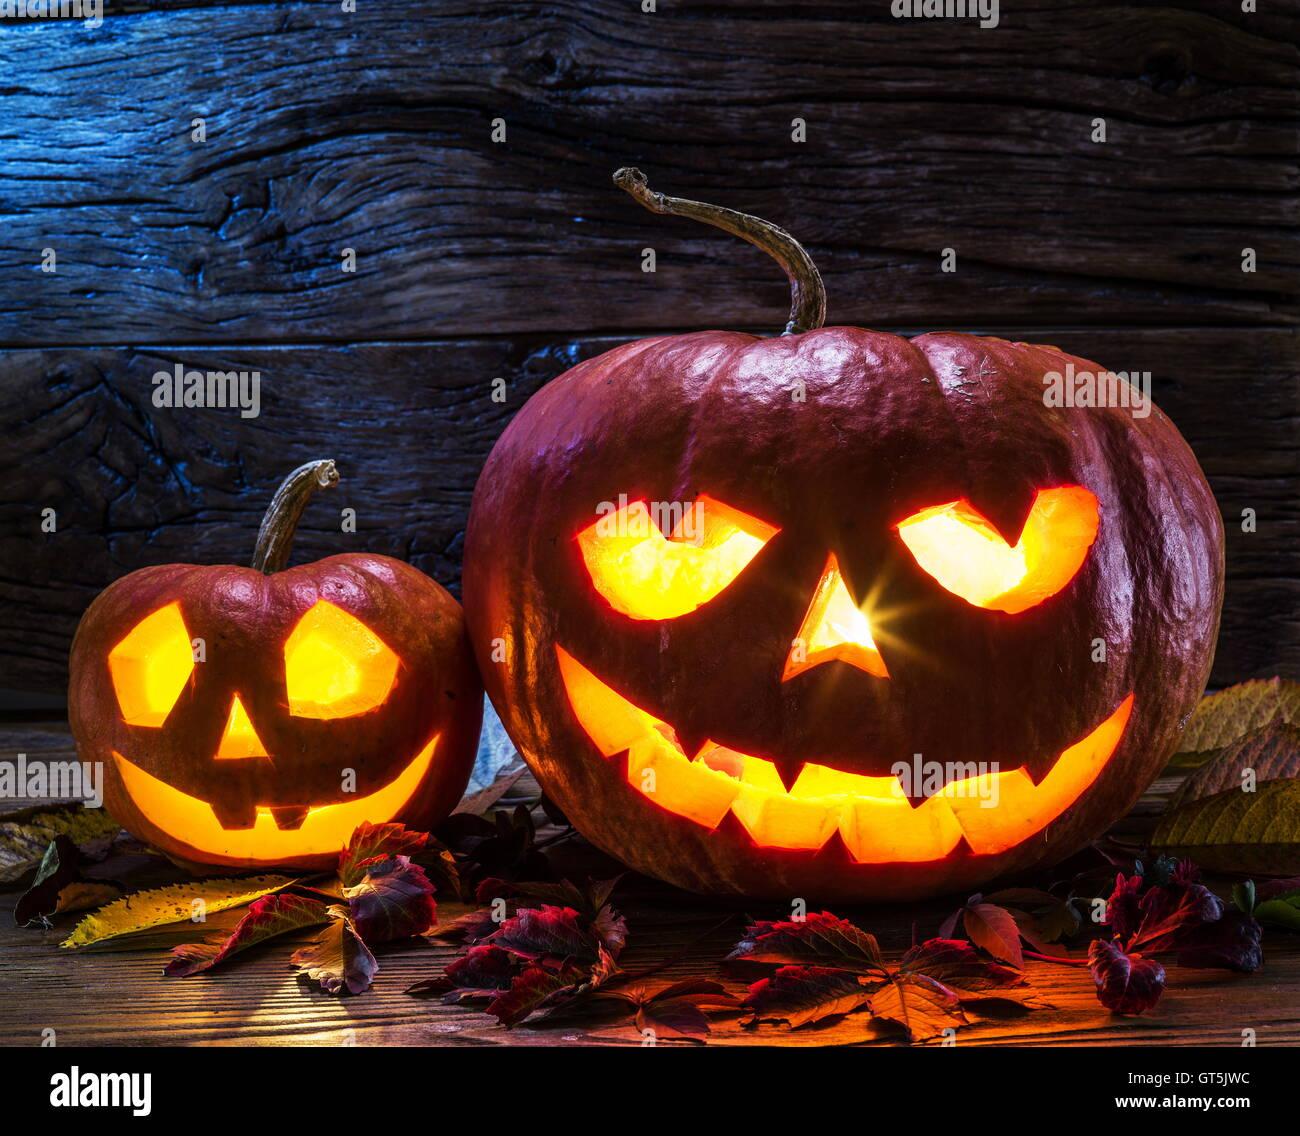 Grinsende Kürbis Laterne oder Laterne ist eines der Wahrzeichen von Halloween. Halloween-Attribut. Hölzerne Stockbild